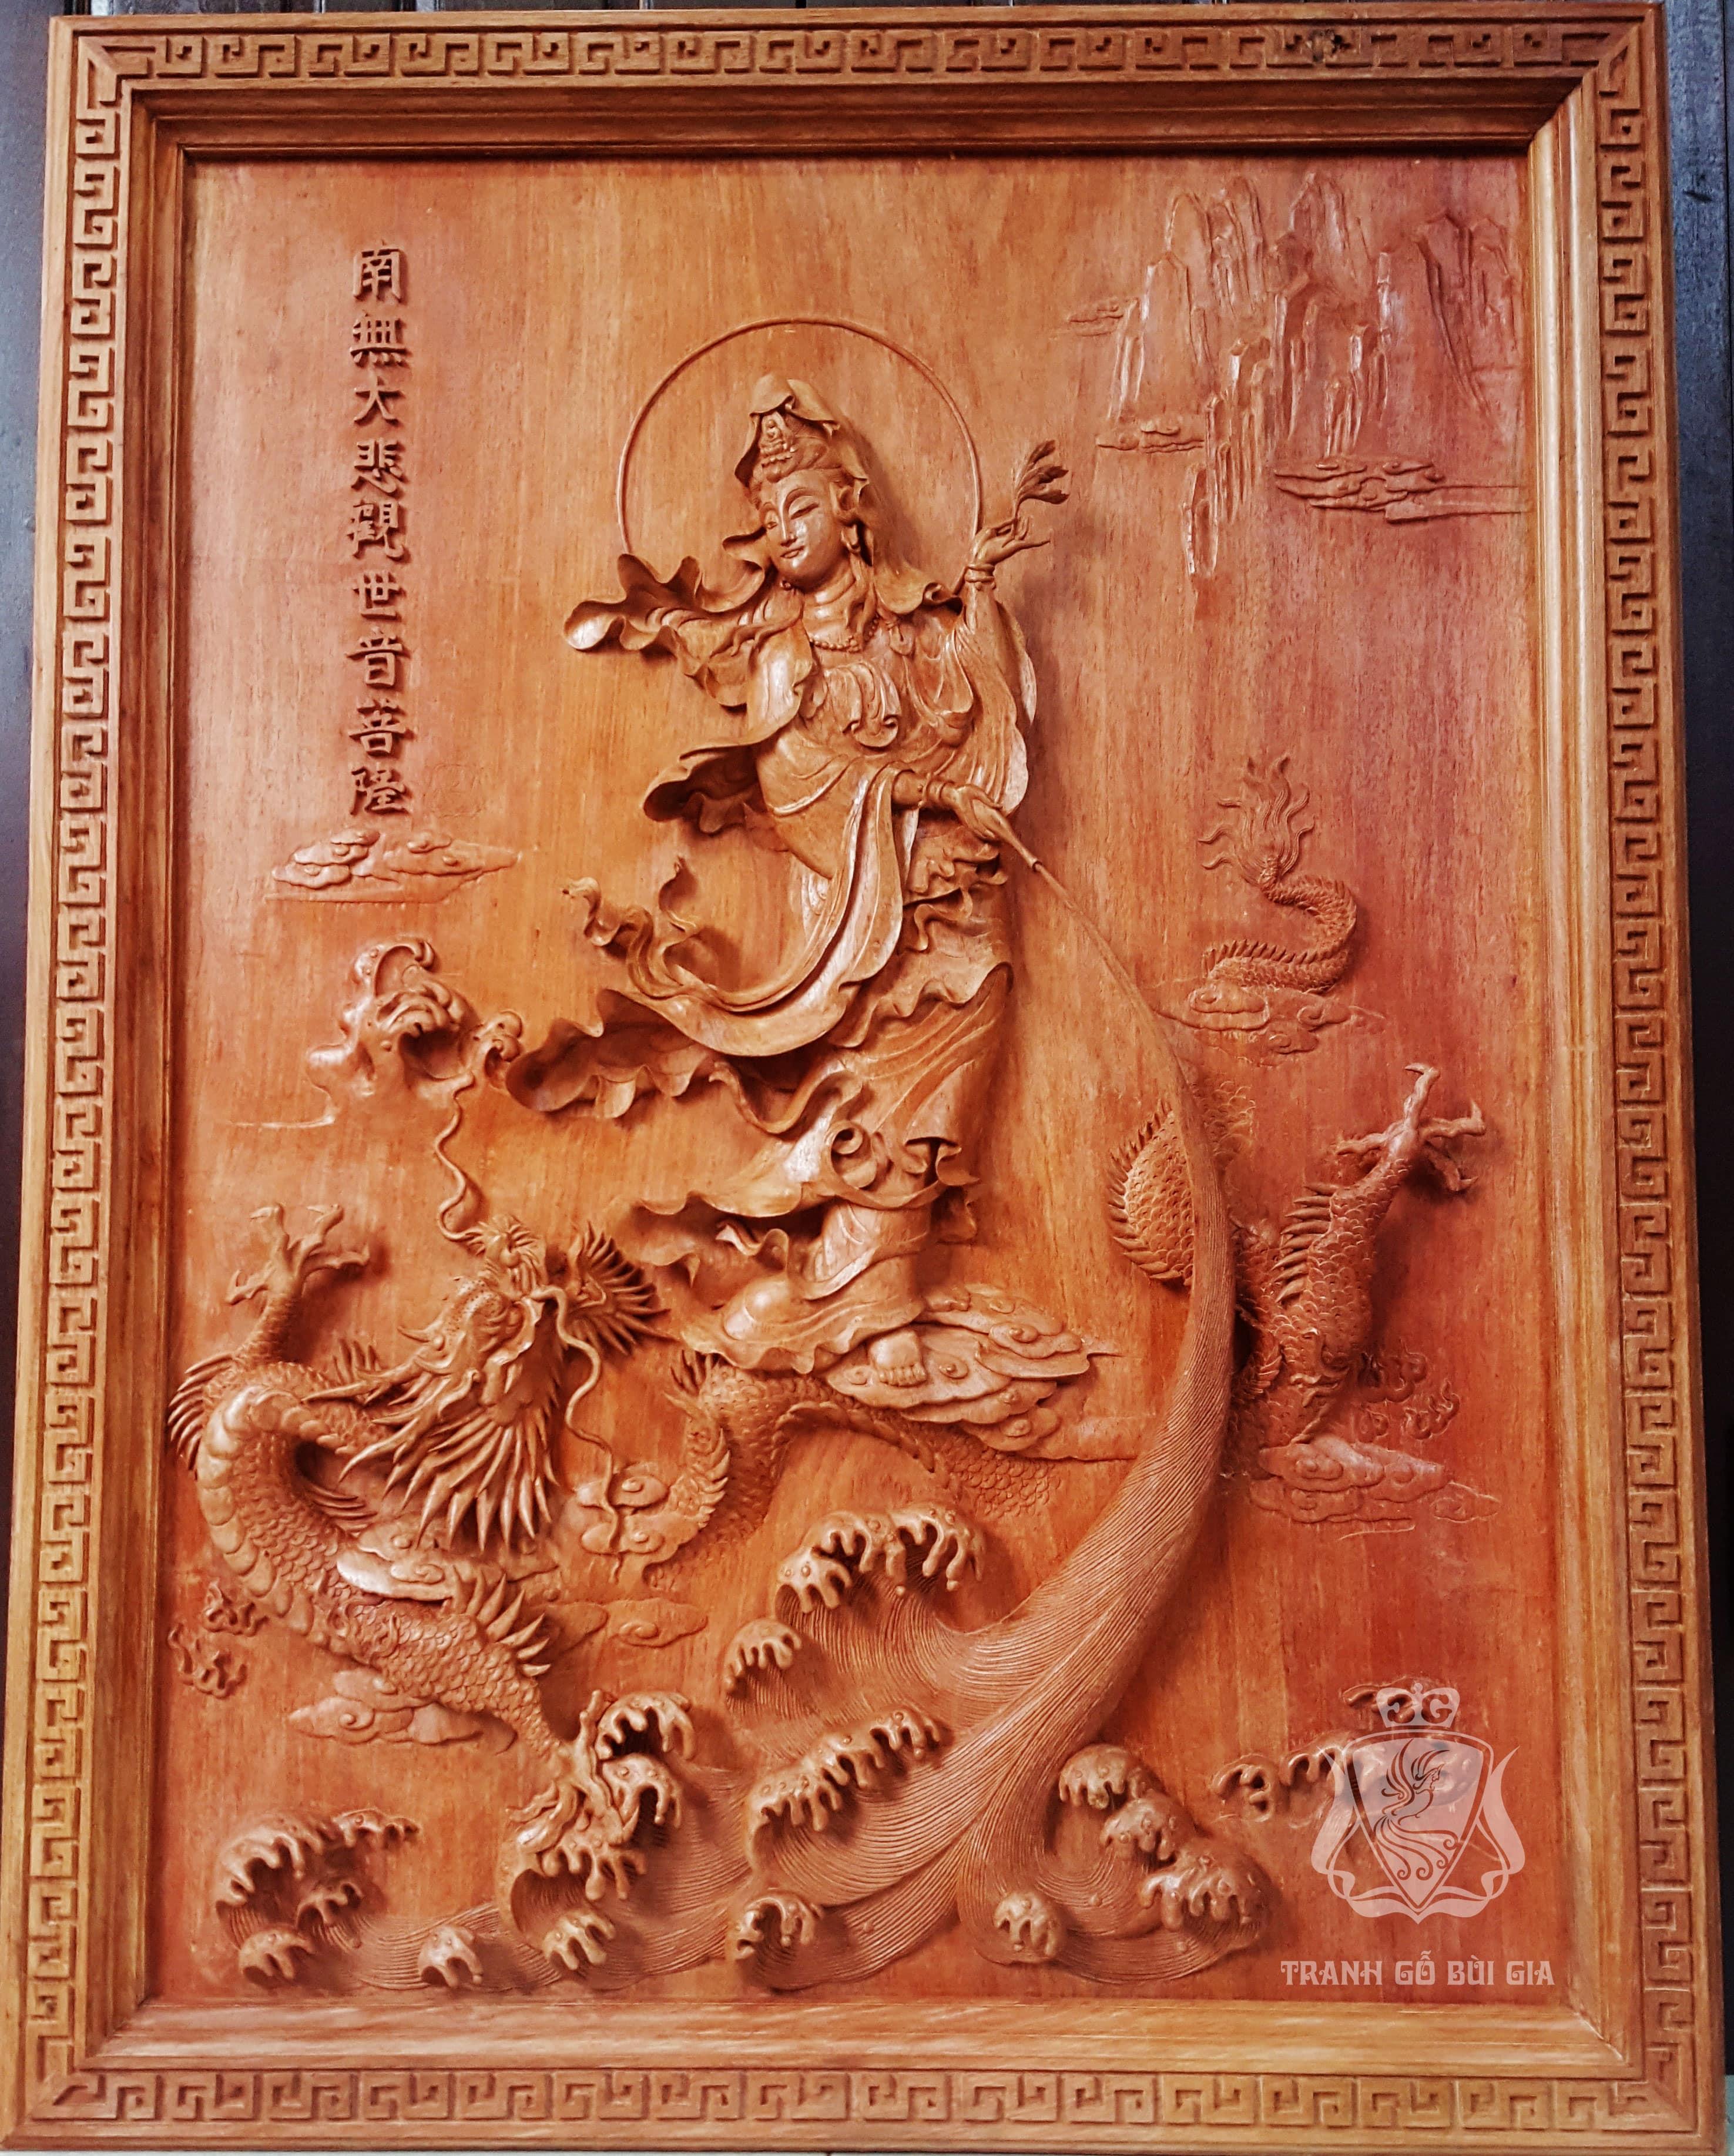 Tranh gỗ Quan Thế Âm Bồ Tát.